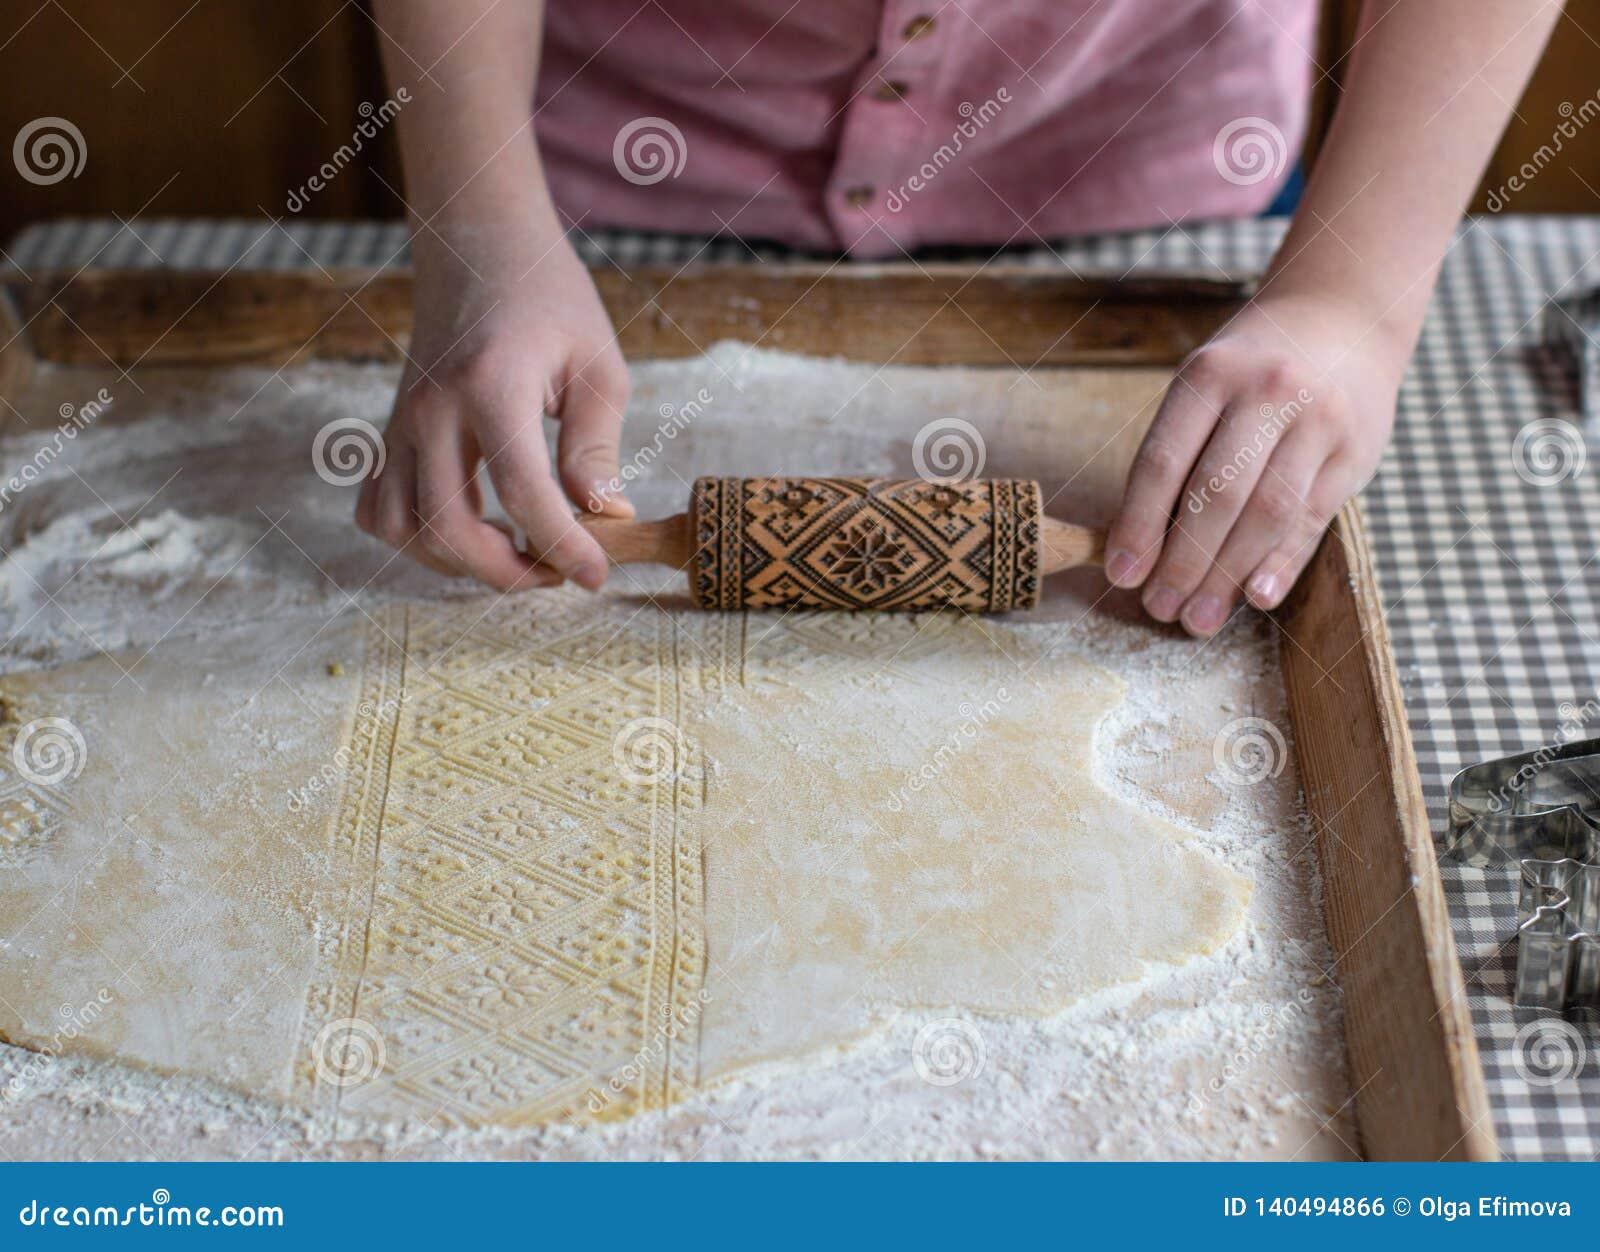 Overhandigt rollend deeg met een het in reliëf maken deegrol, op een houten achtergrond